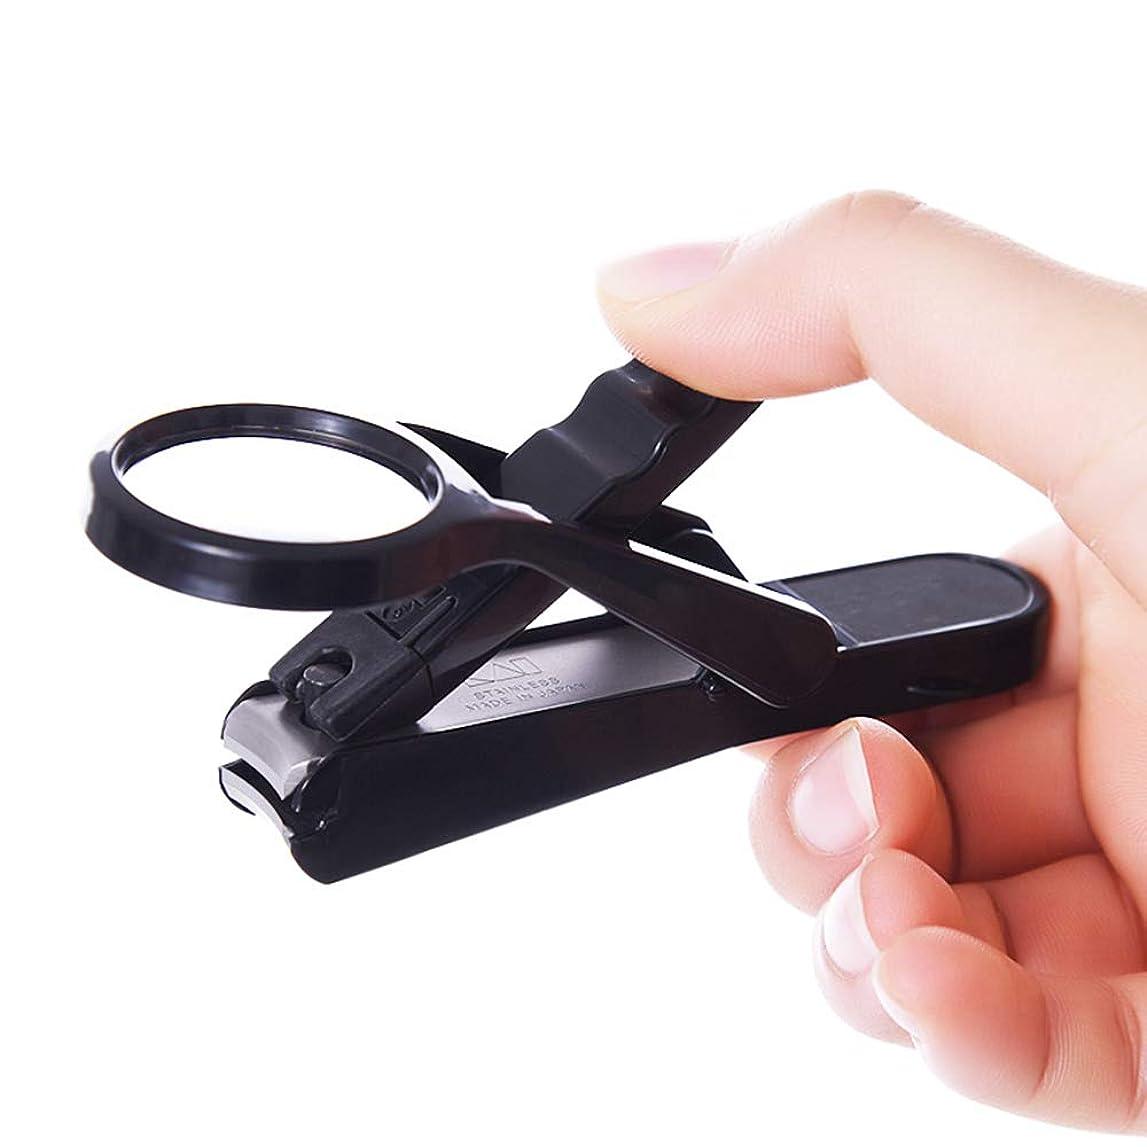 フロント脱獄実行可能ネイルニッパー, 爪クリッパー老人とベビーセーフネイルケアデラックスネイルクリッパー拡大鏡付き 厚くまたは陥入した足指の爪用